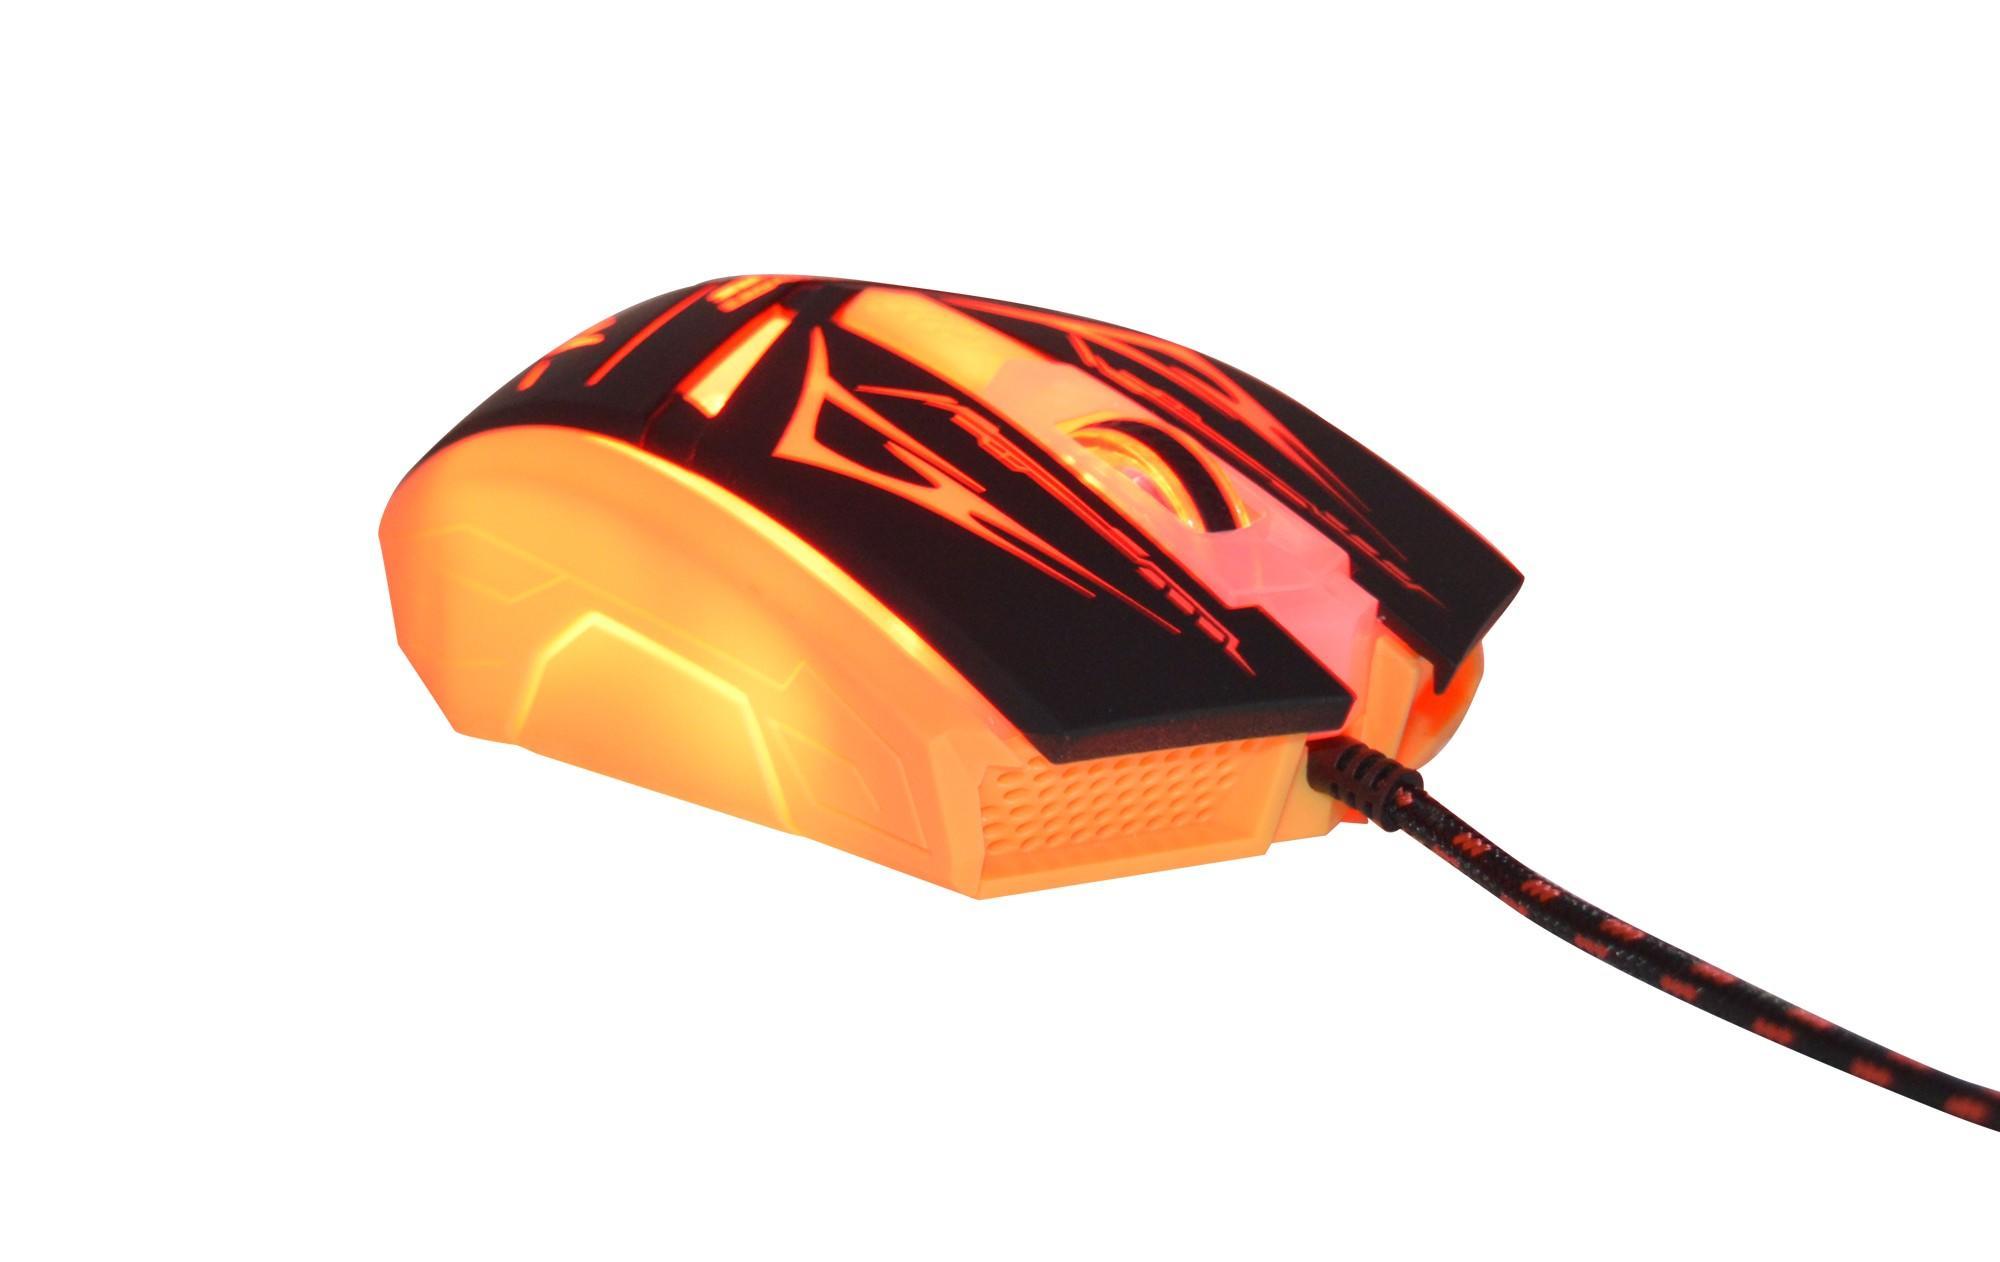 Mouse Gamer Neith com 3200 DPI com 7 Botões (Vermelho)